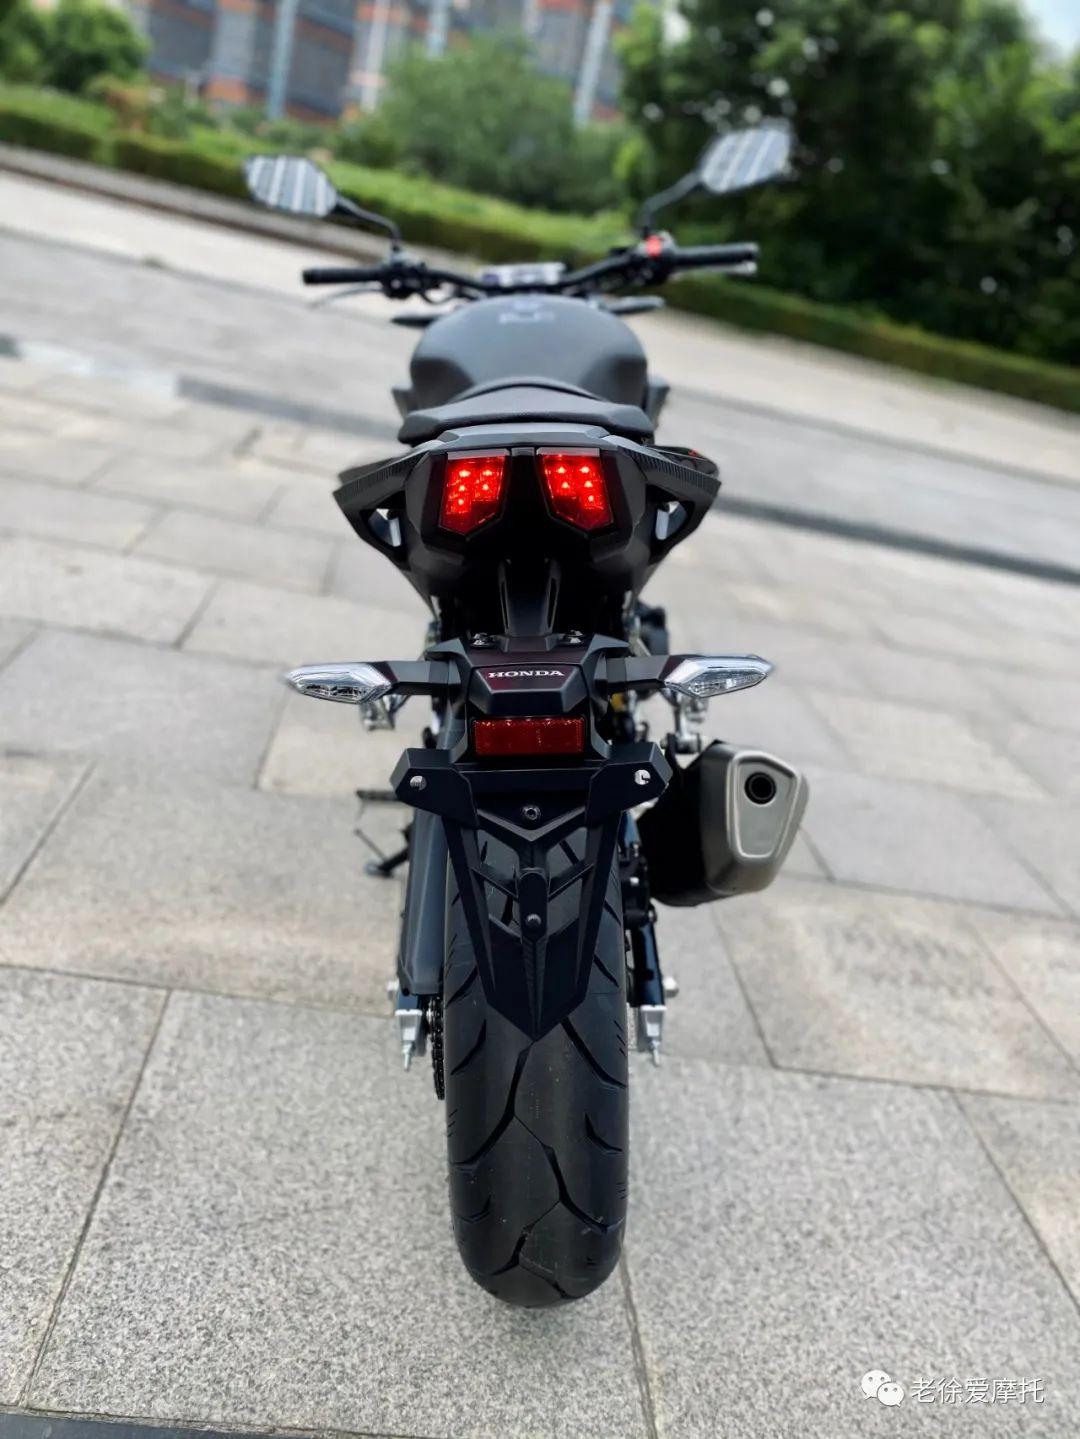 本田中排车型 - CB400F 入门级街车 实车介绍!-第49张图片-春风行摩托车之家